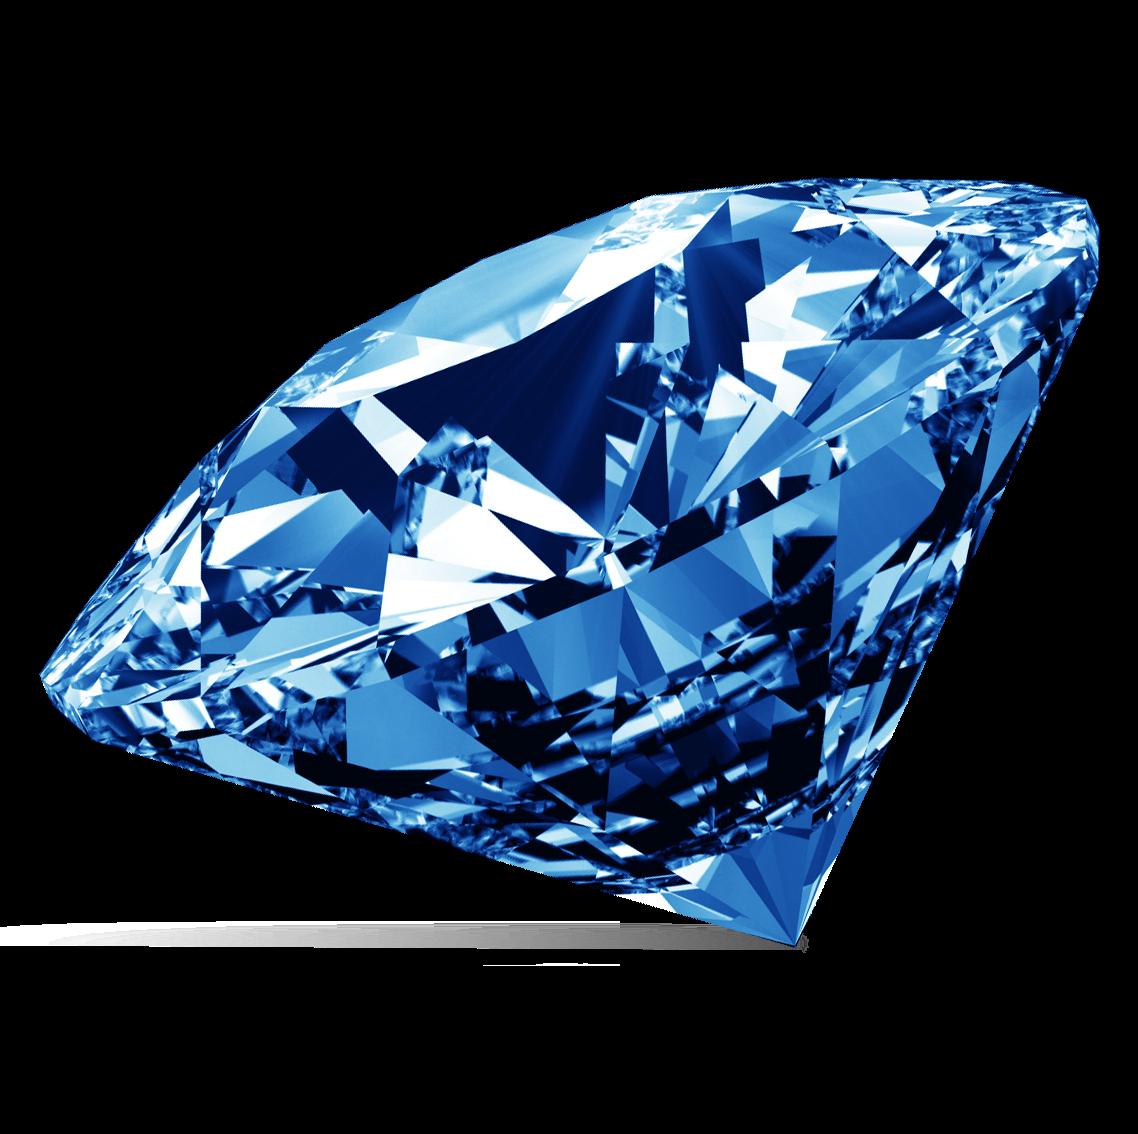 Blue color clip art. Clipart diamond saphire